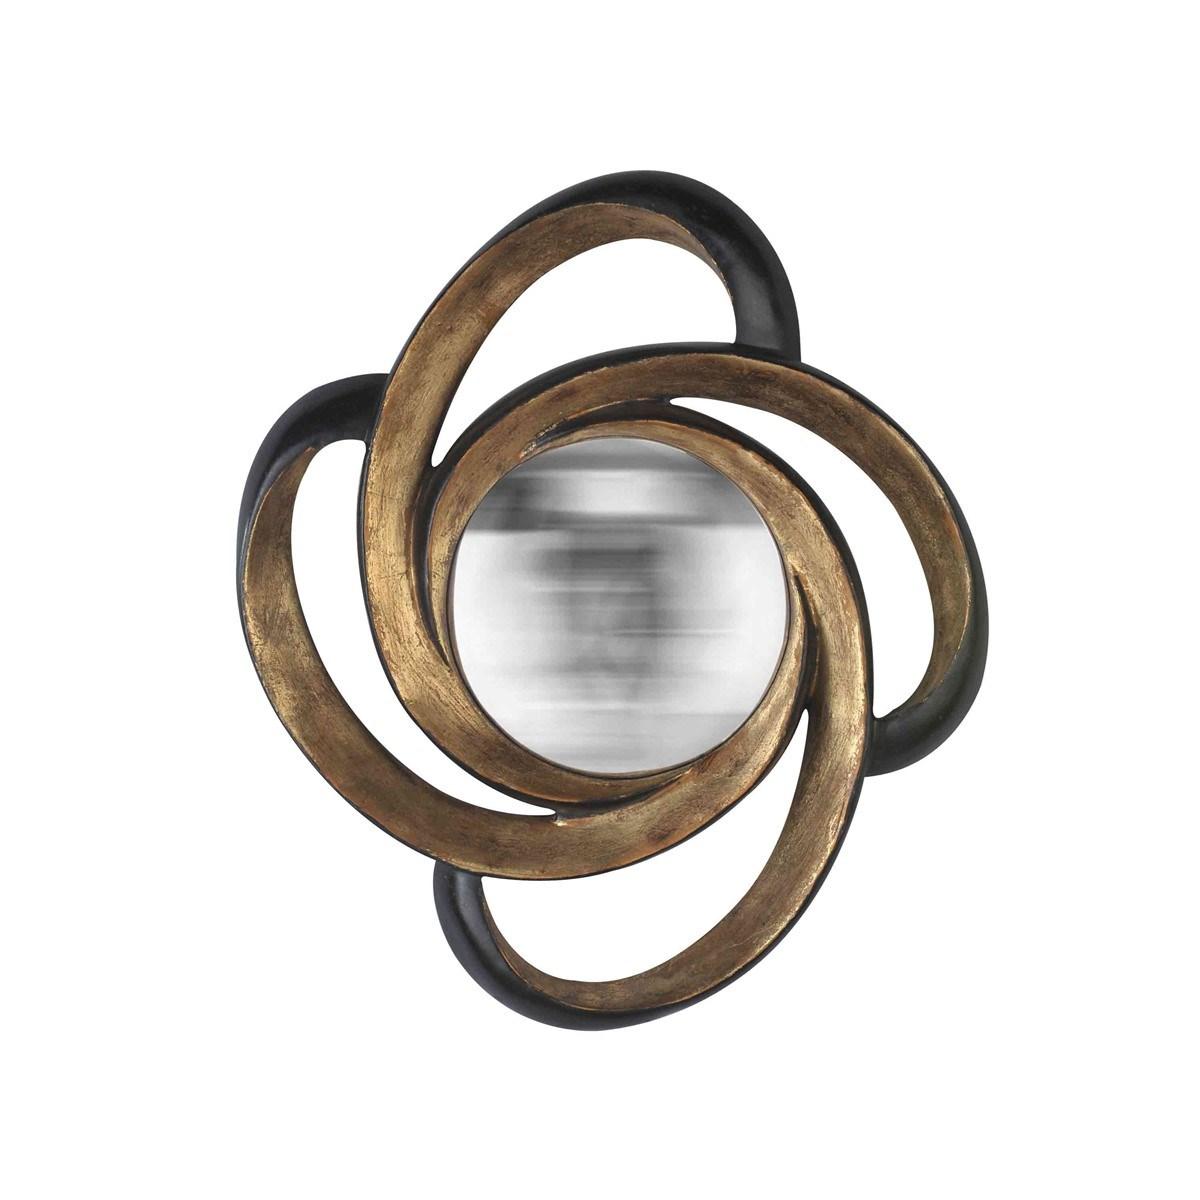 Miroir boucle noir et or en Résine Or